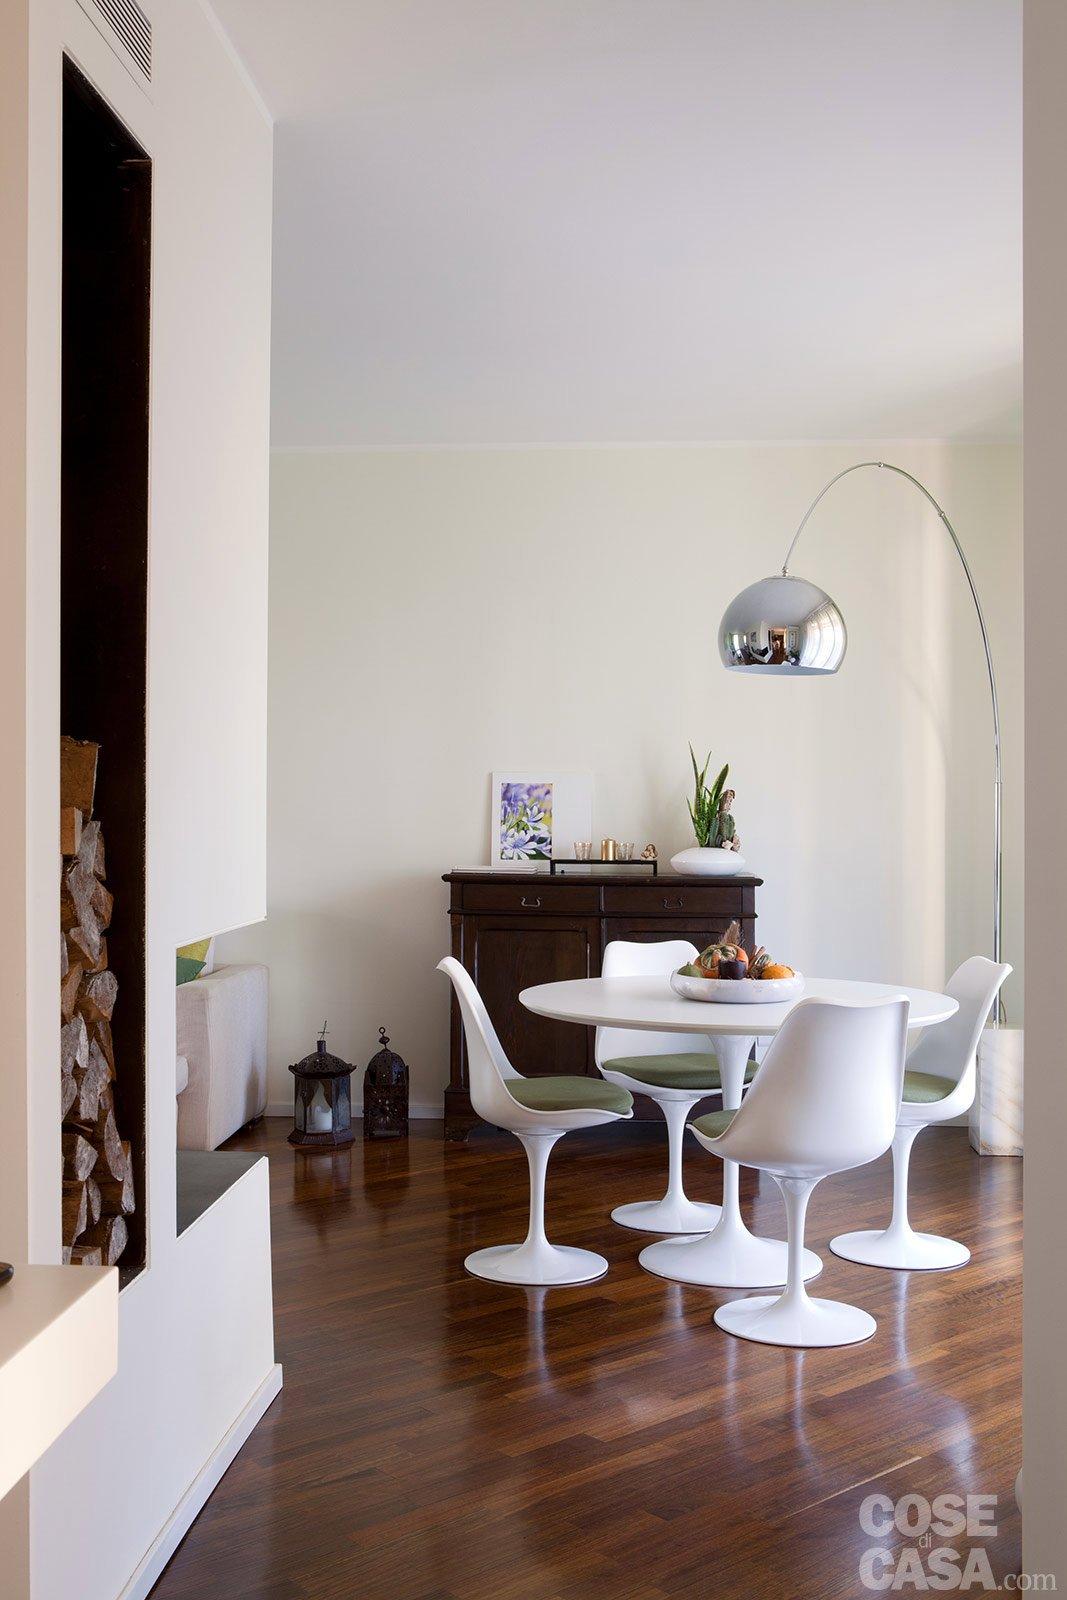 Casa pi vivibile dopo la ristrutturazione cose di casa for Foto di case arredate classiche